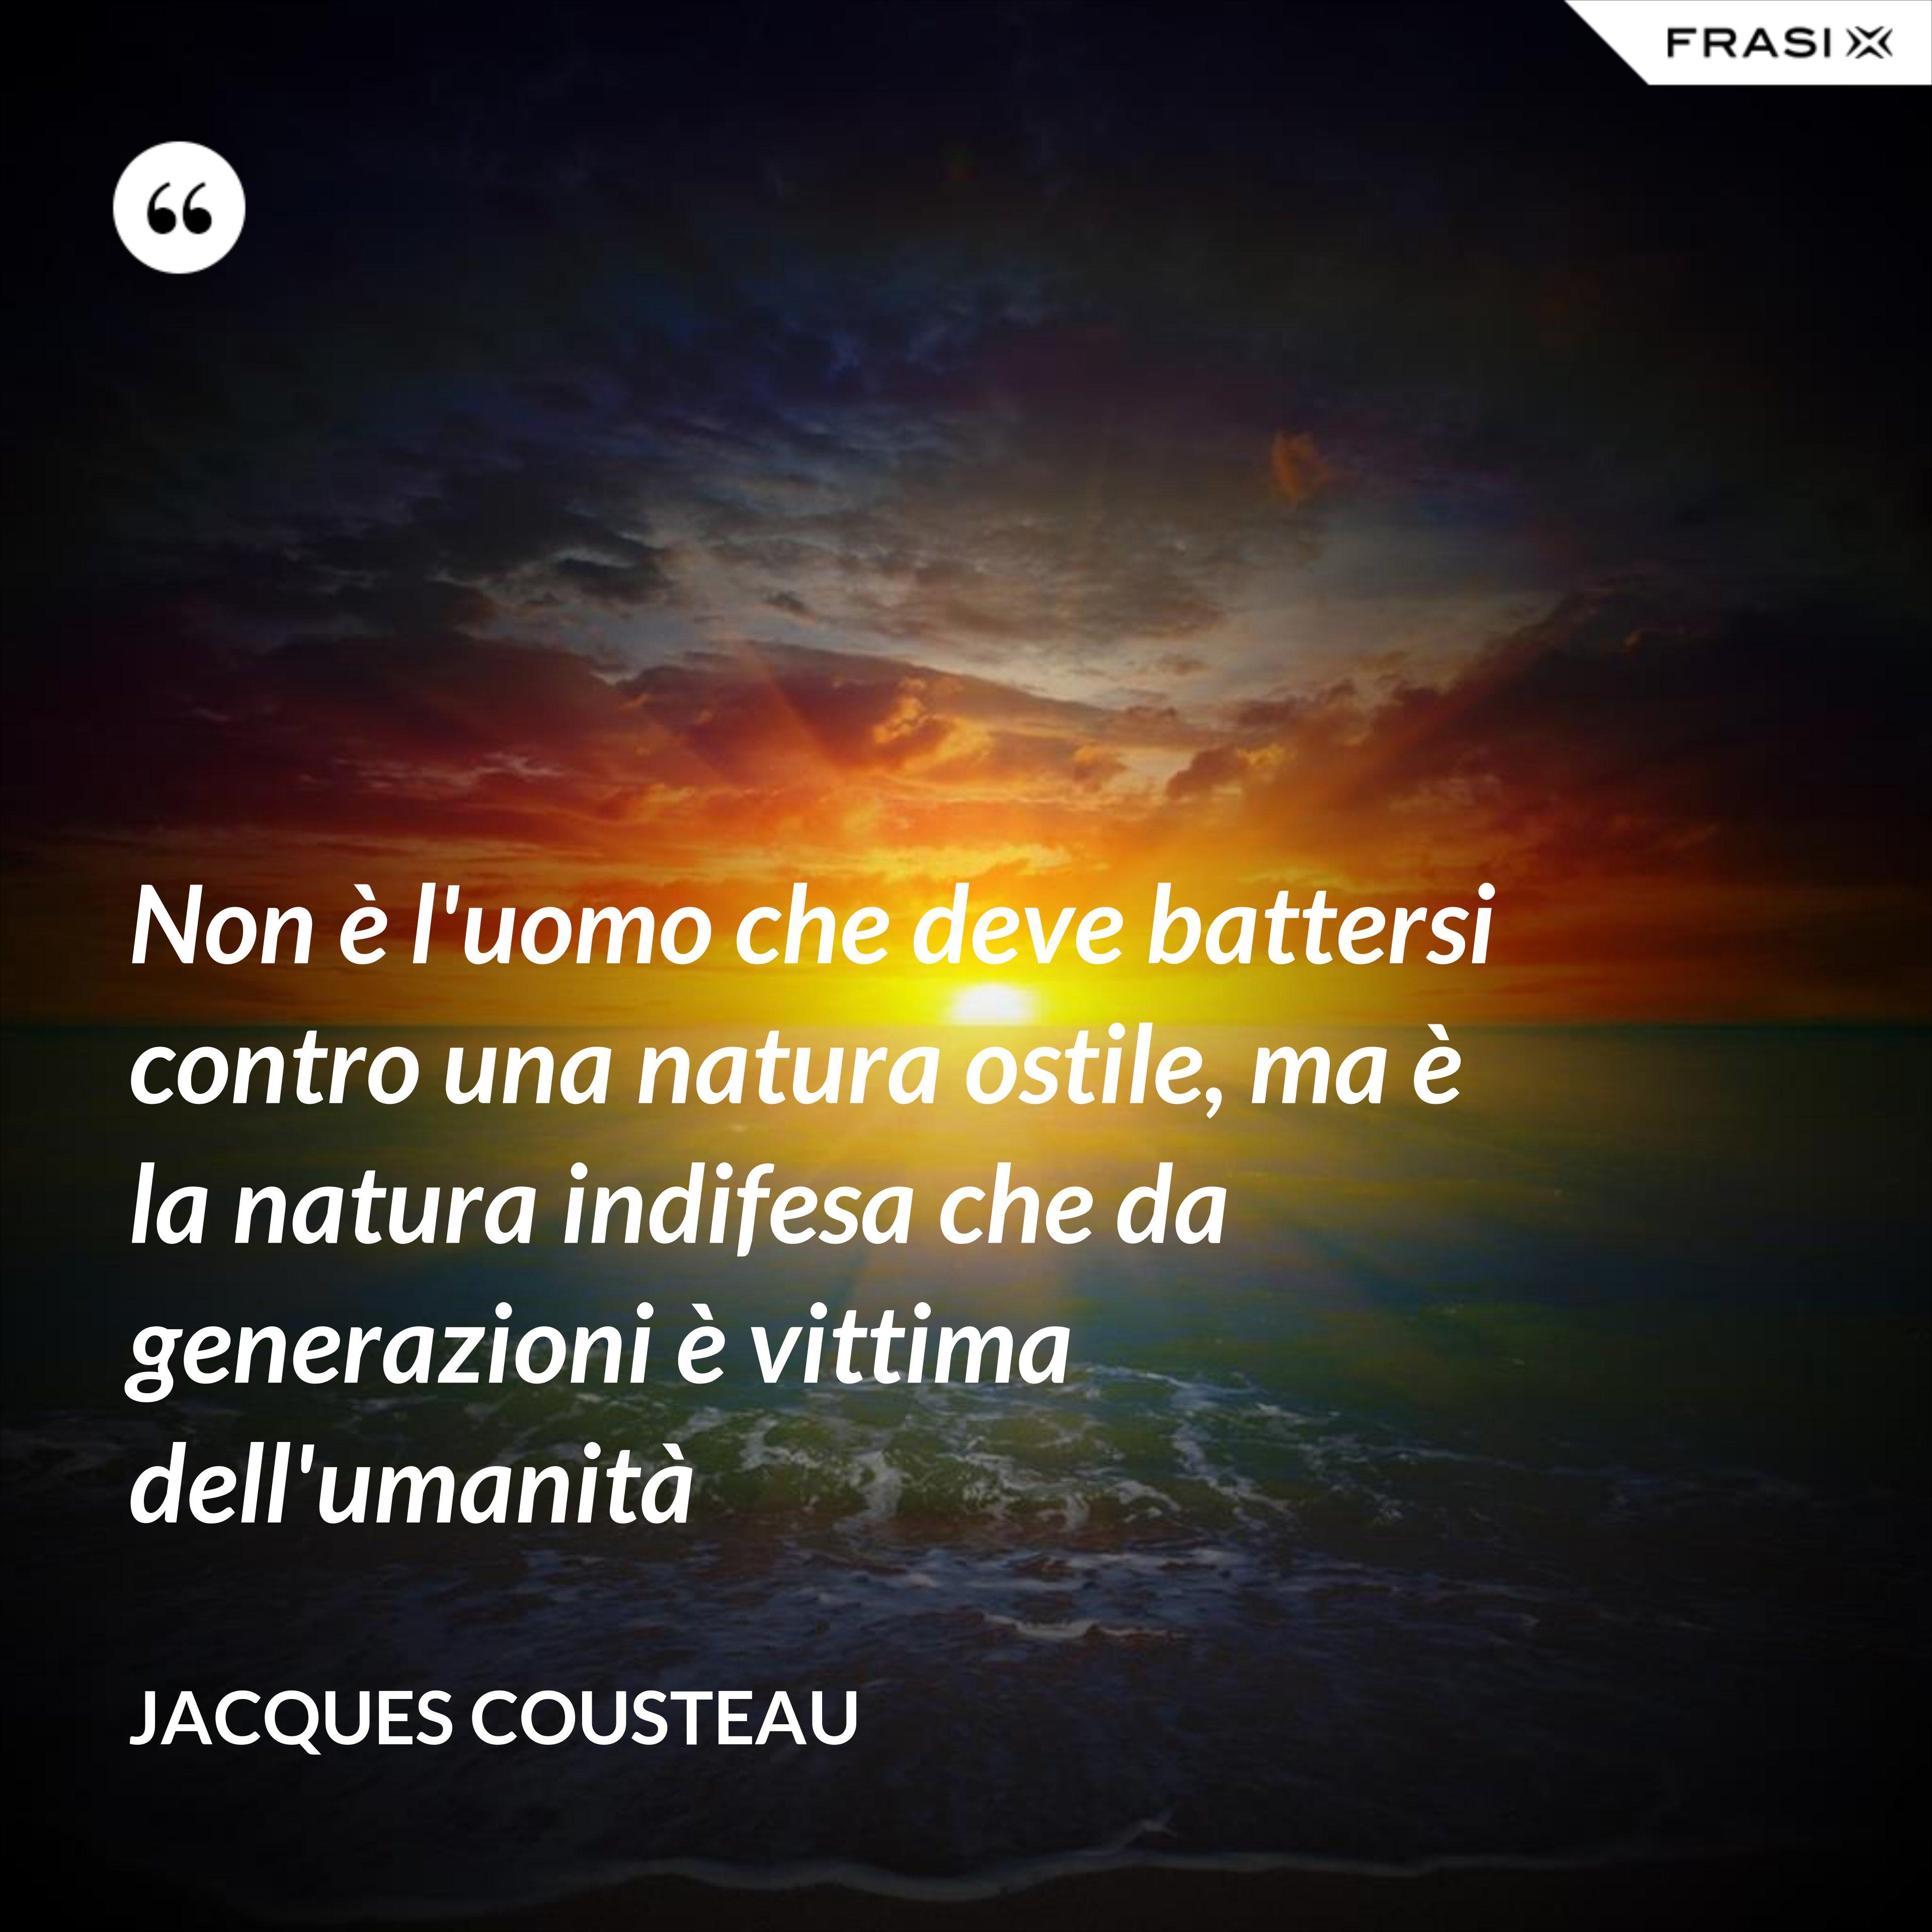 Non è l'uomo che deve battersi contro una natura ostile, ma è la natura indifesa che da generazioni è vittima dell'umanità - Jacques Cousteau